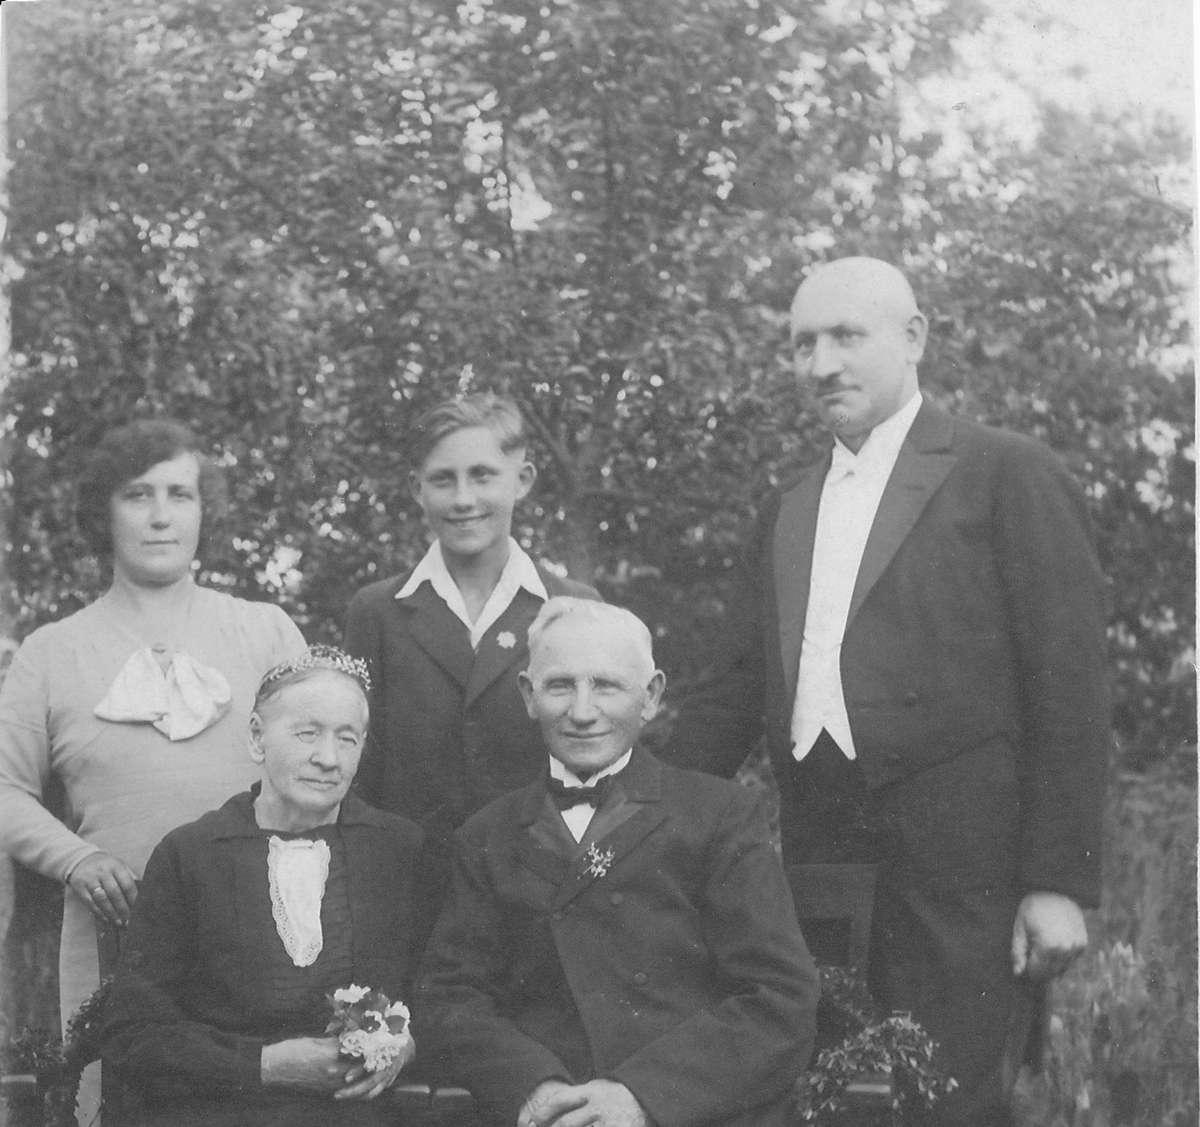 W 1935 roku Baczewscy z synami przyjechali z Berlina do Bratiana pod Nowym Miastem Lubawskim, gdzie 24 czerwca odbyły się złote gody seniorów Anny i Jana Baczewskich (siedzą). Z prawej: Jan Baczewski (1890-1958), obok  jego syn Zbigniew i żona Łucja - full image